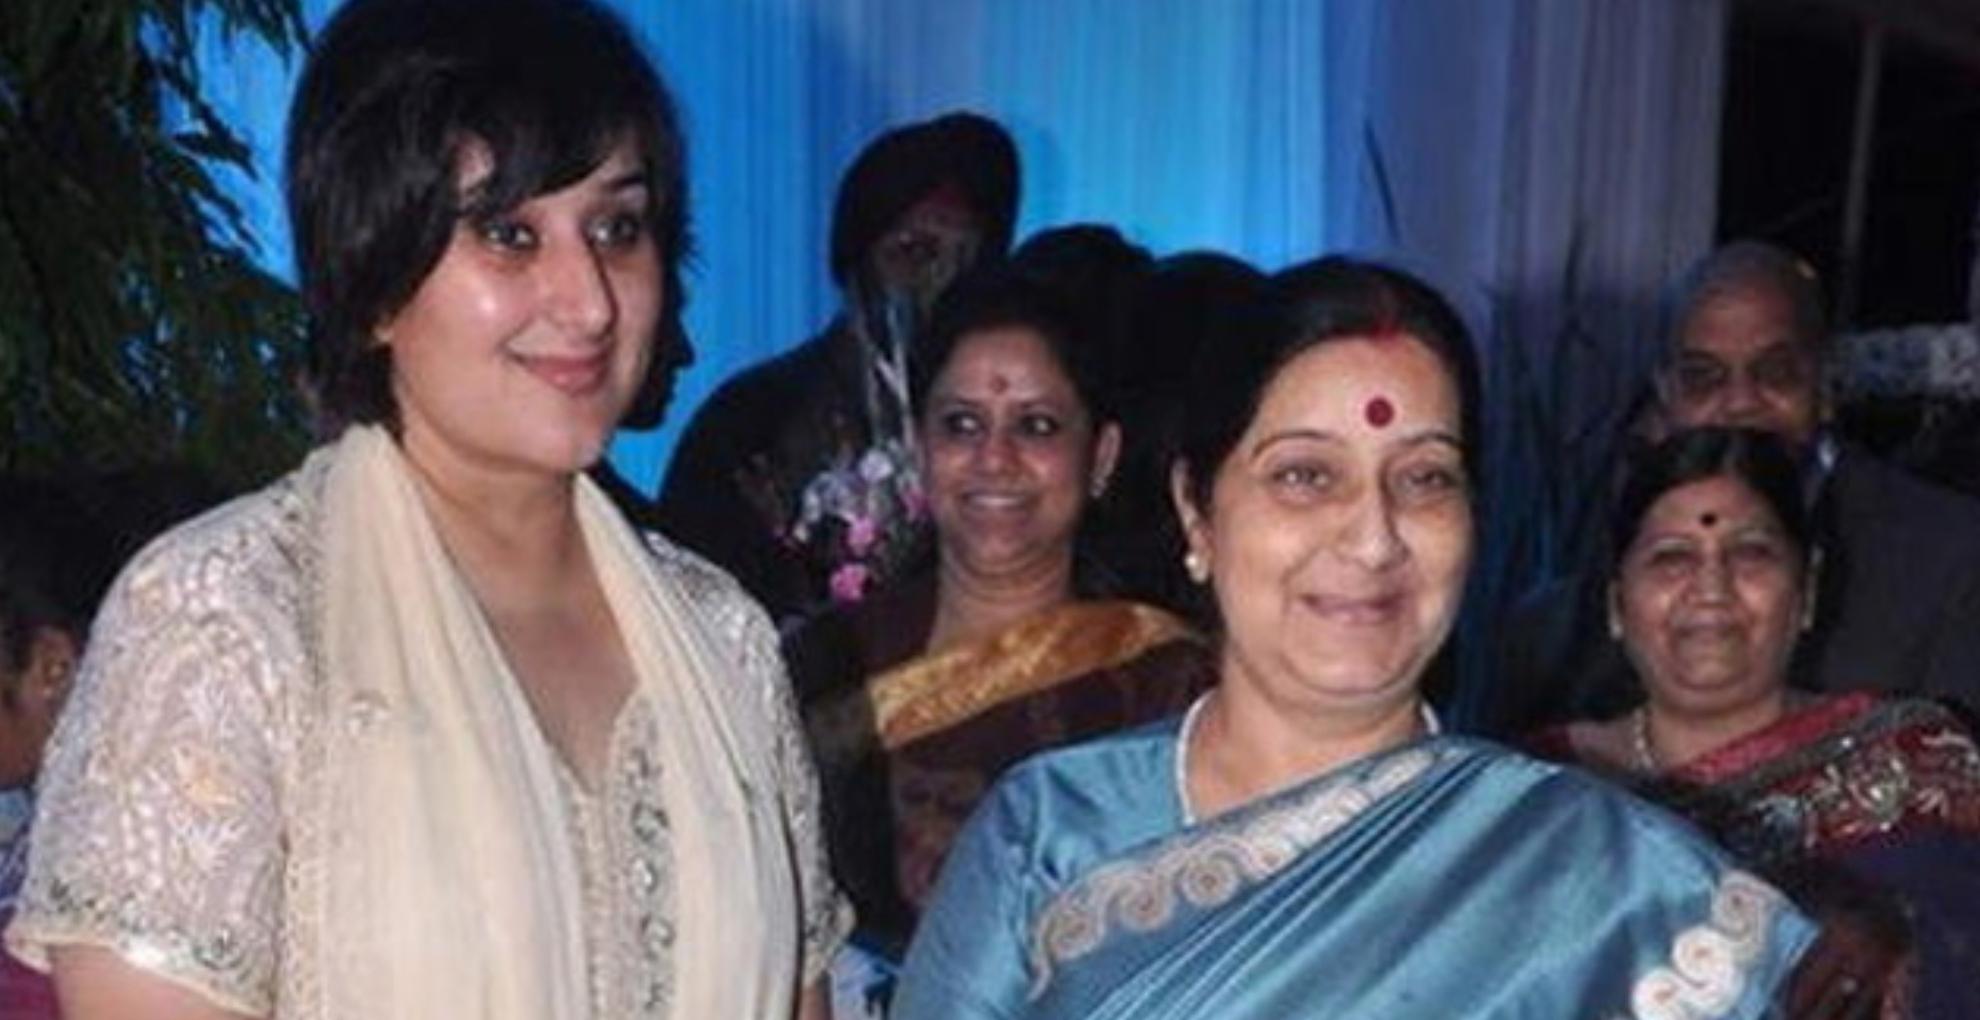 Sushma Swaraj Passes Away: अलविदा दीदी! पंचतत्व में विलीन हुईं सुषमा स्वराज, बेटी बांसुरी ने दी अंतिम विदाई